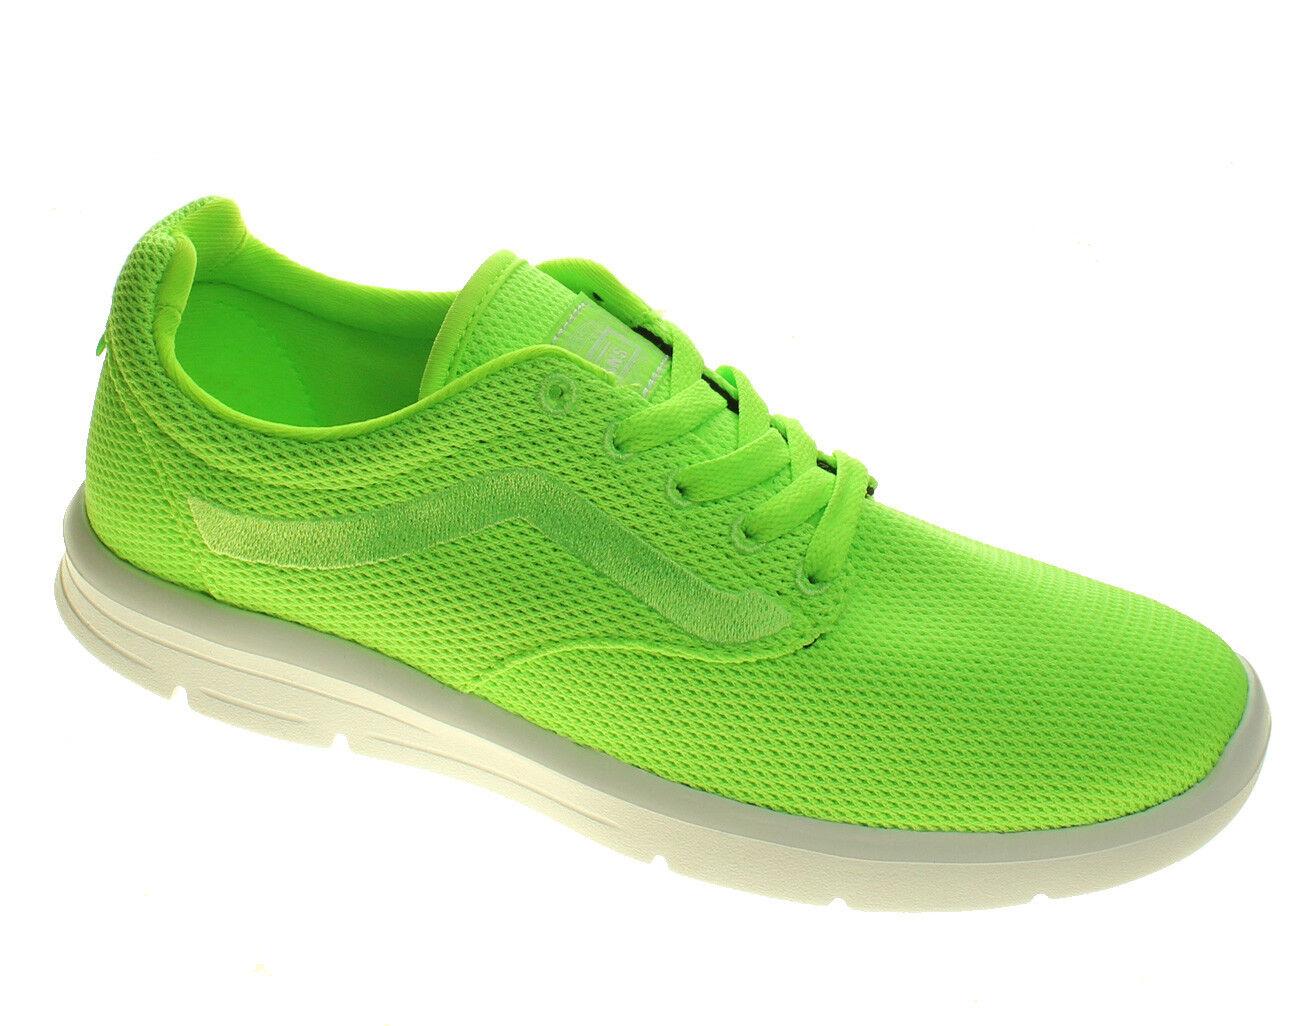 VANS ISO 1.5 Gecko Grün Grün Grün UltraCush Trainer Schuhes MEN'S 6.5 WOMEN'S 7 601279